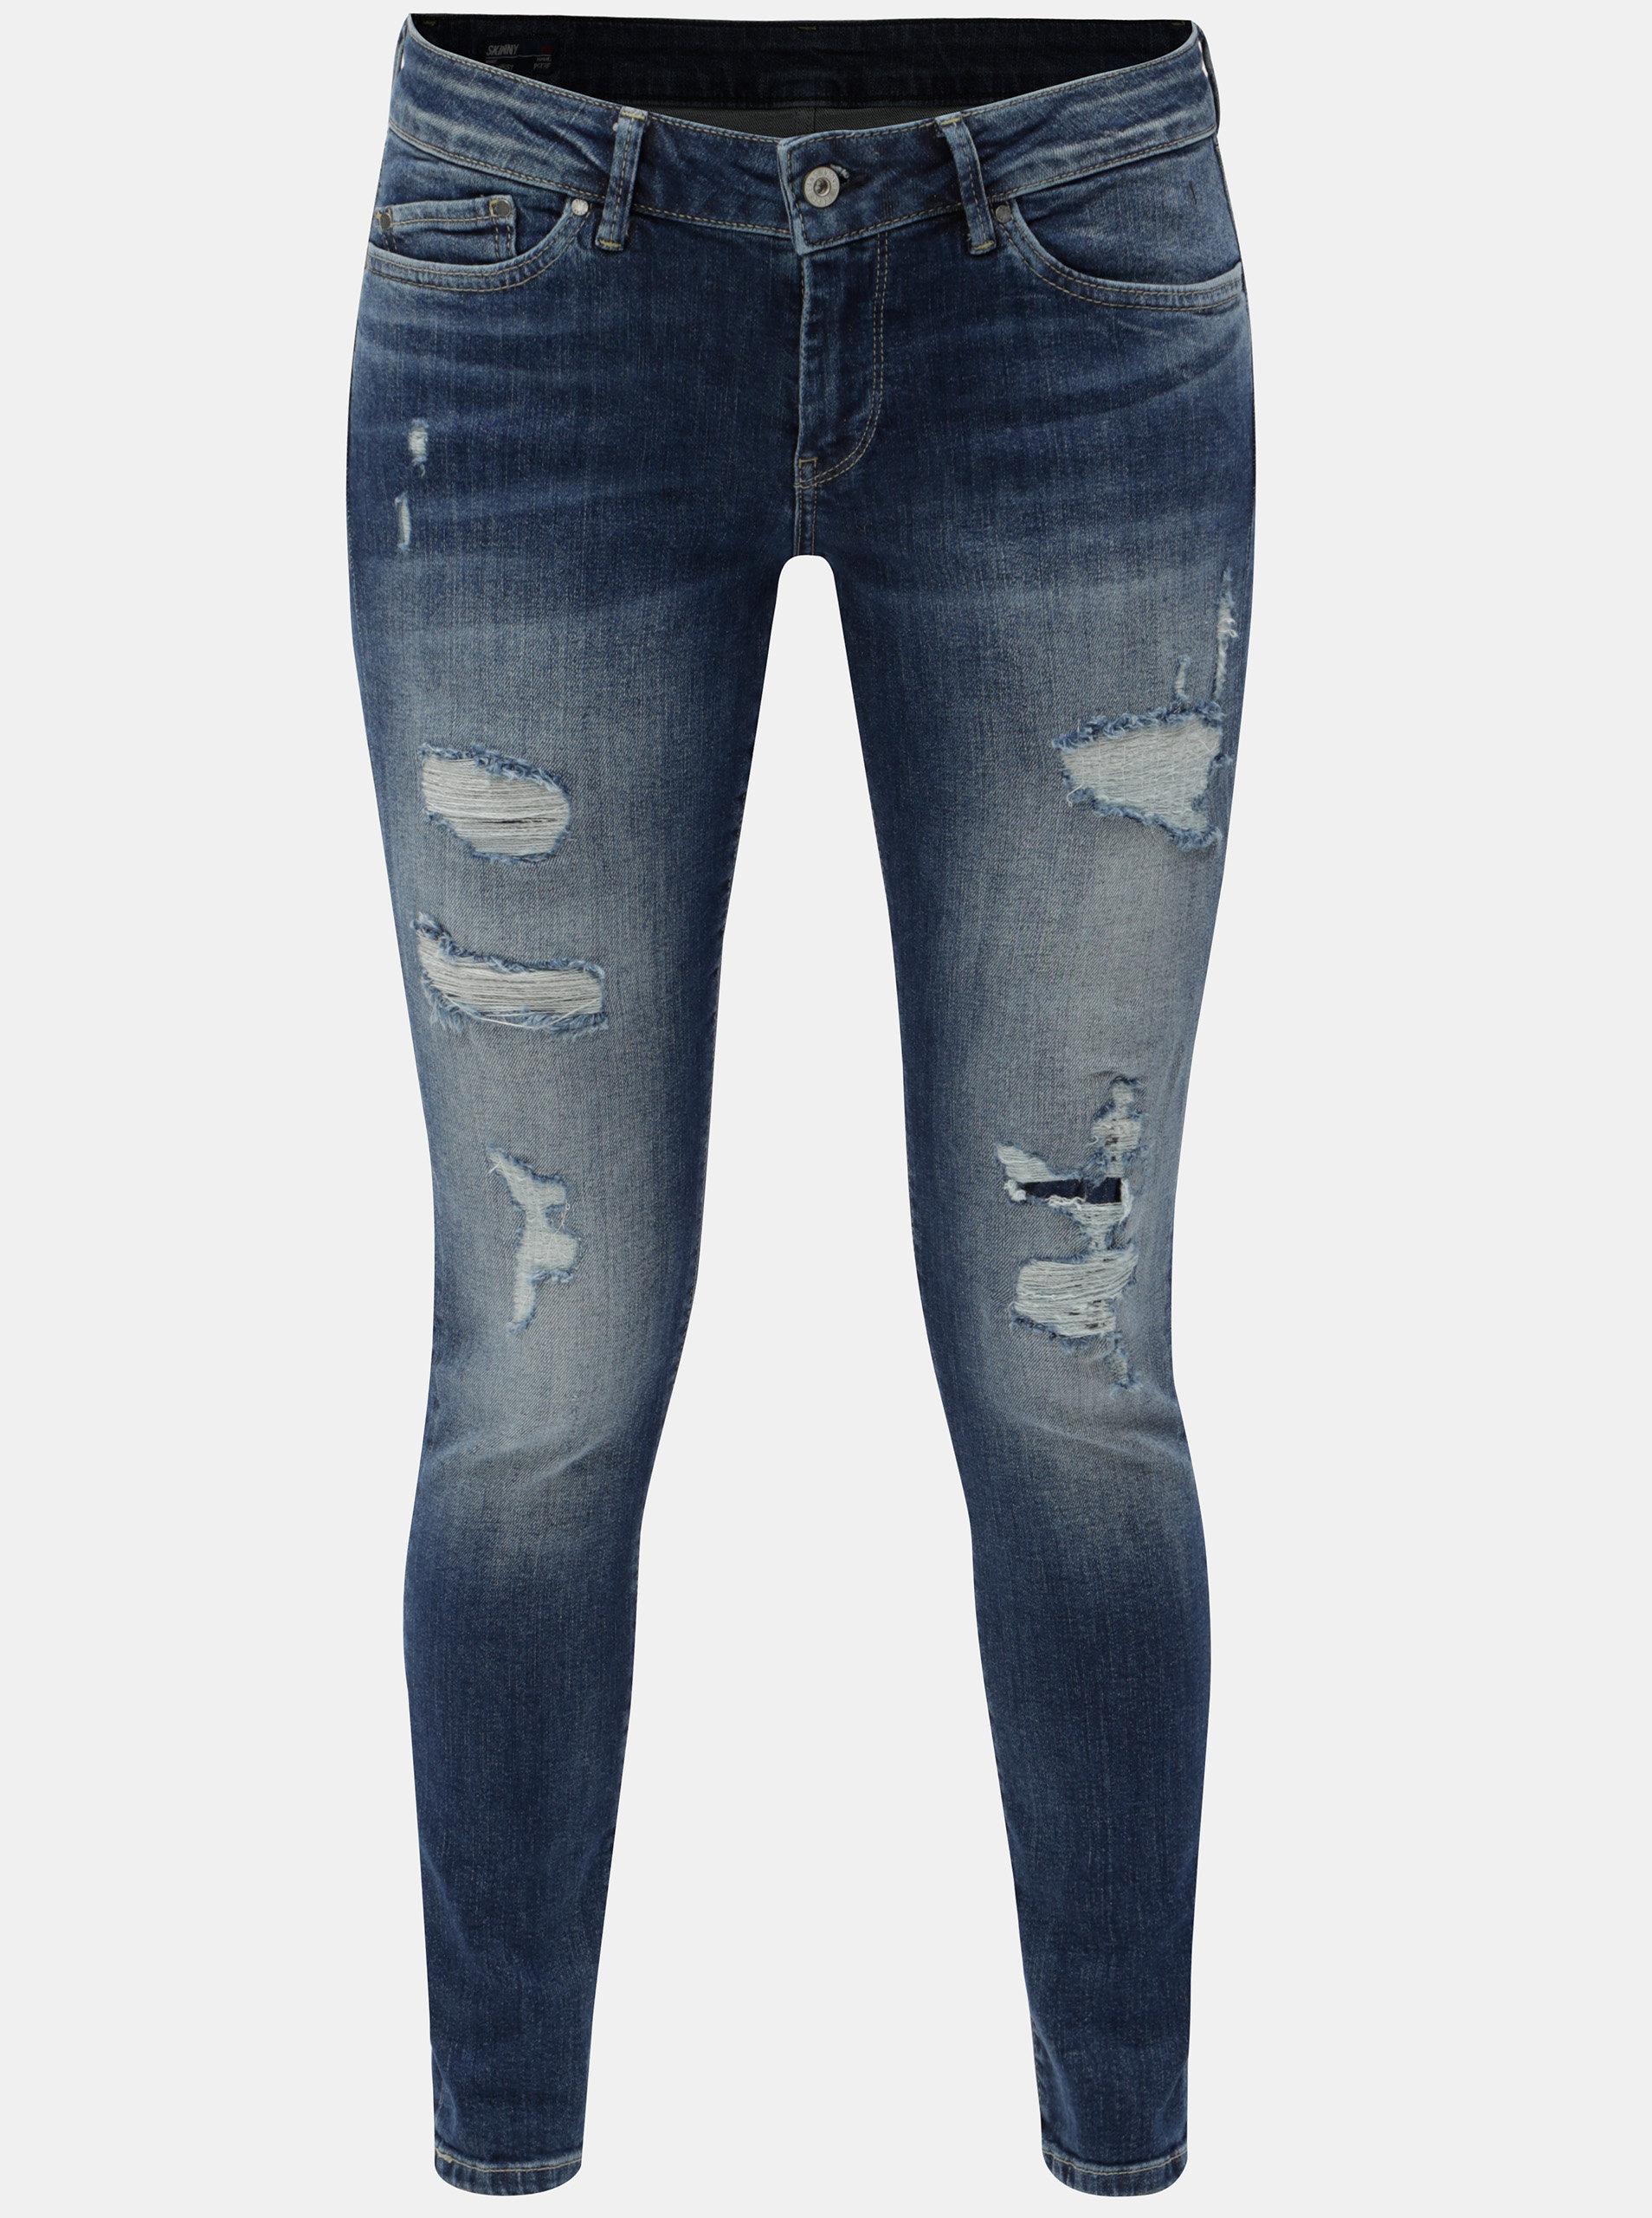 e2fdd5e89f56 Modré dámské skinny džíny s potrhaným efektem Pepe Jeans Pixie ...